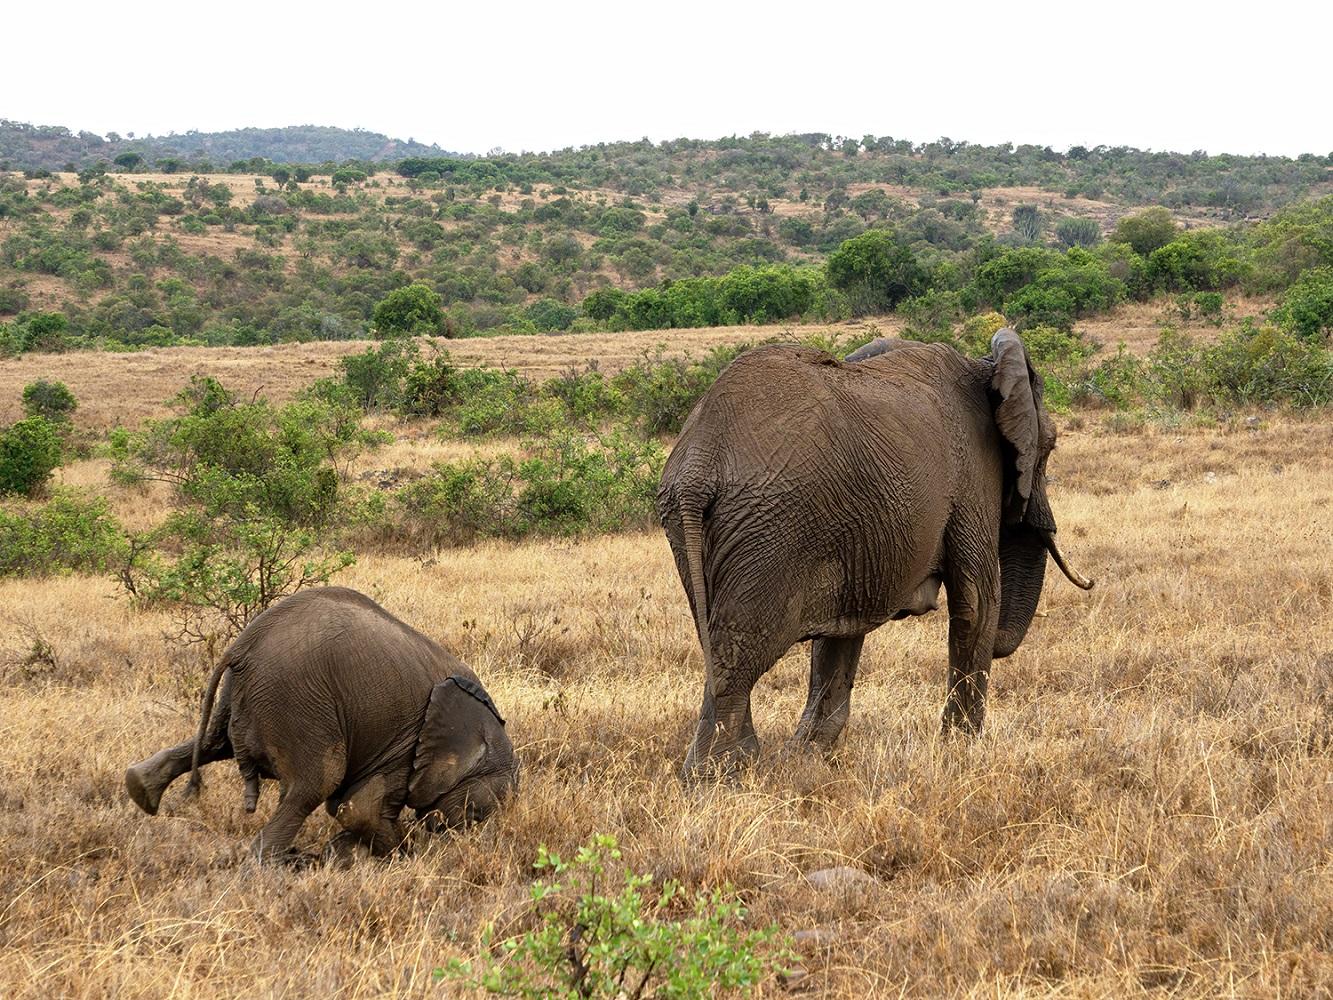 Svi nekad 'zaronimo' na nos. Fotografija Tima Hearna snimljena u Namibiji.